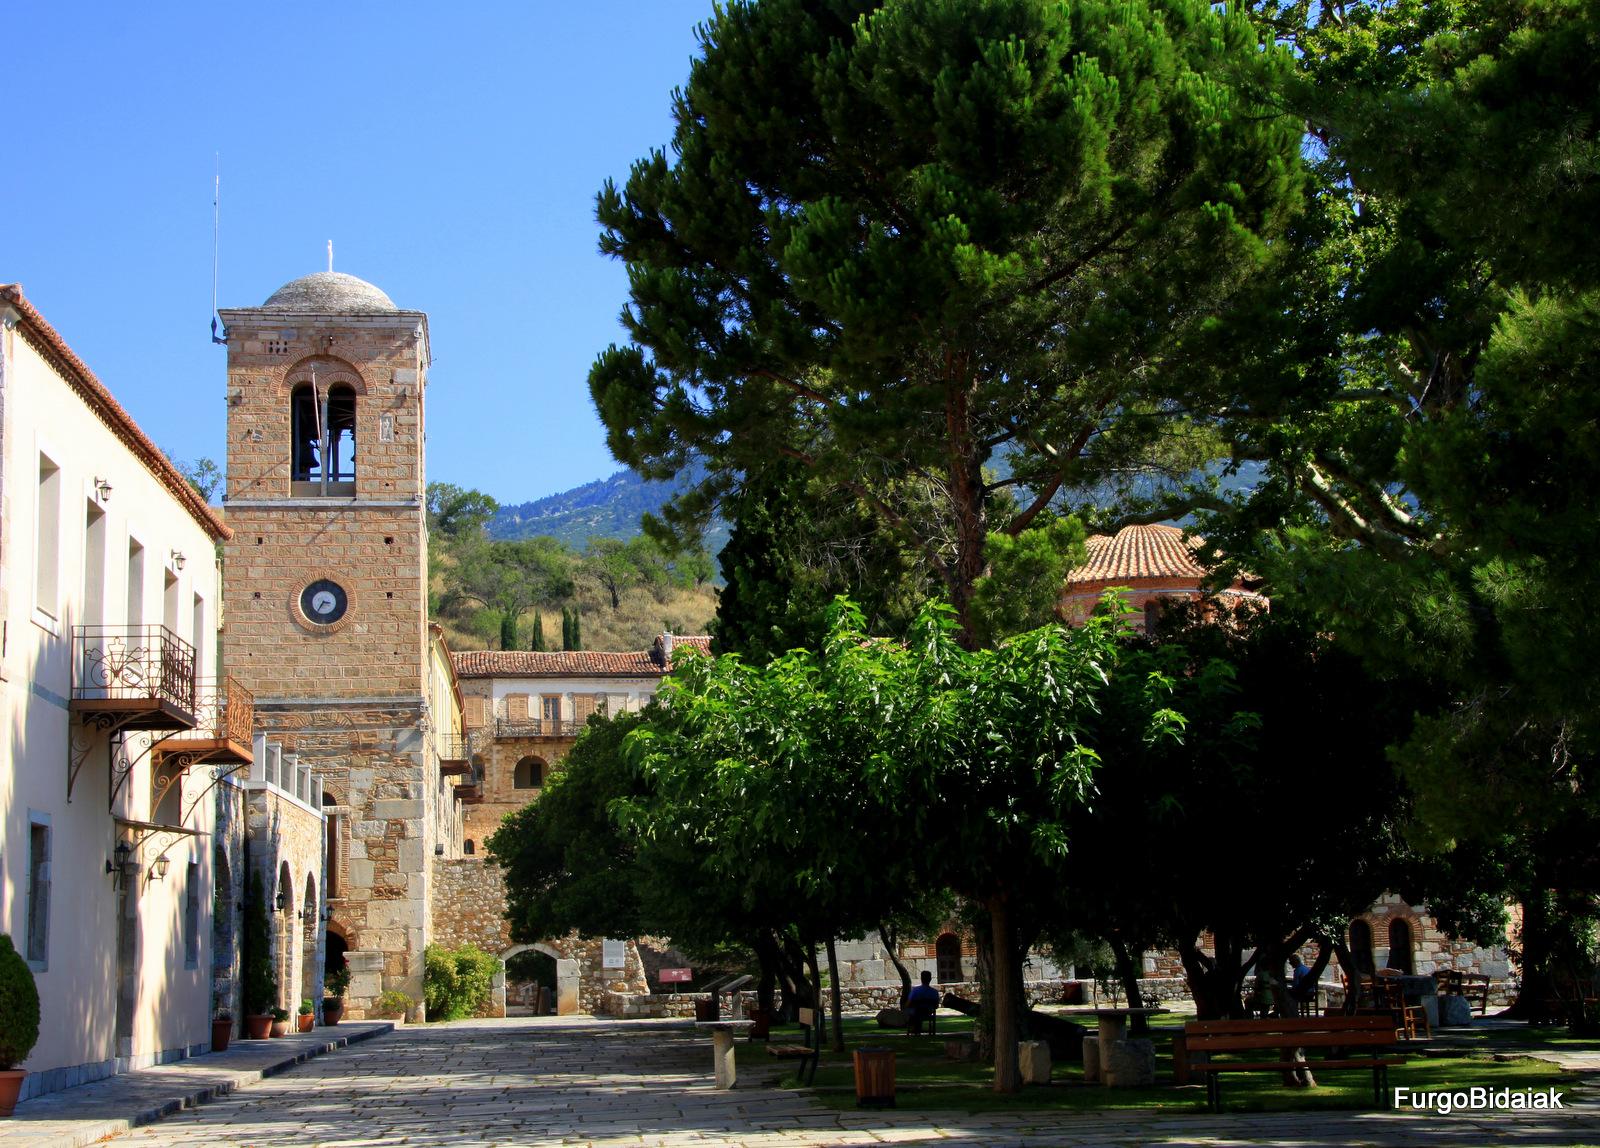 Parque del monasterio Hosios Loukas